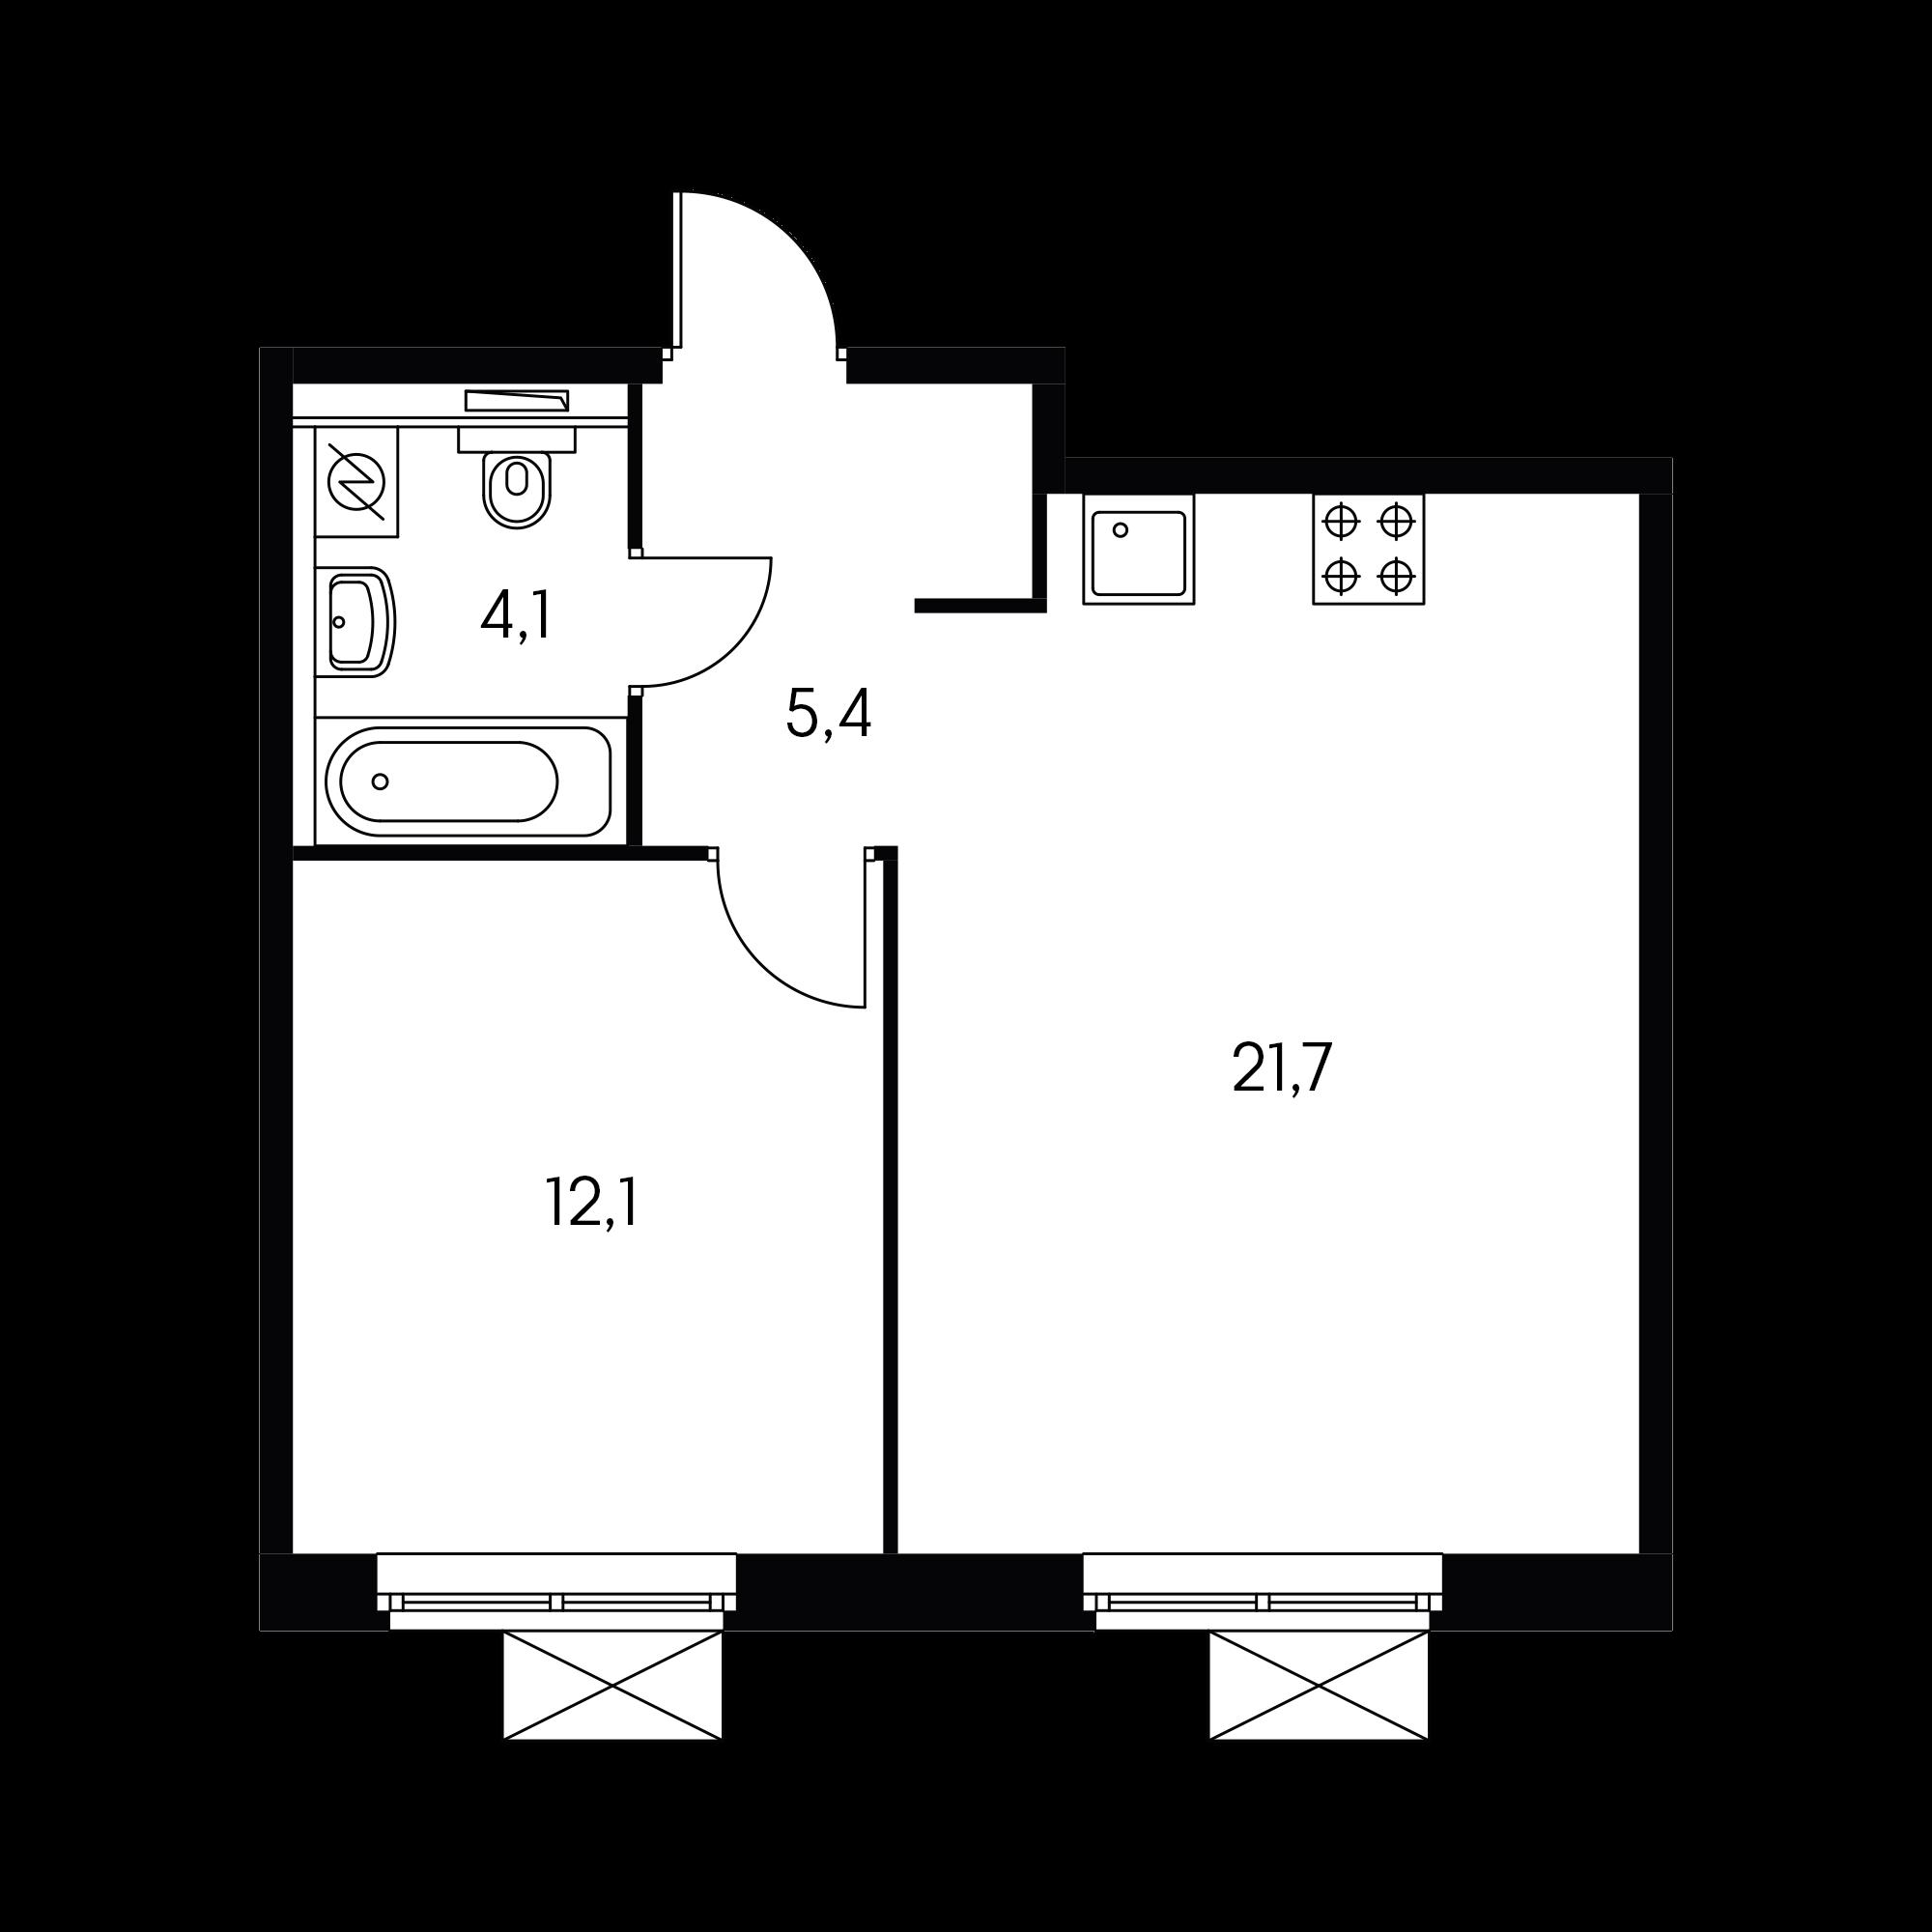 1EL3_7.5-1_S_A